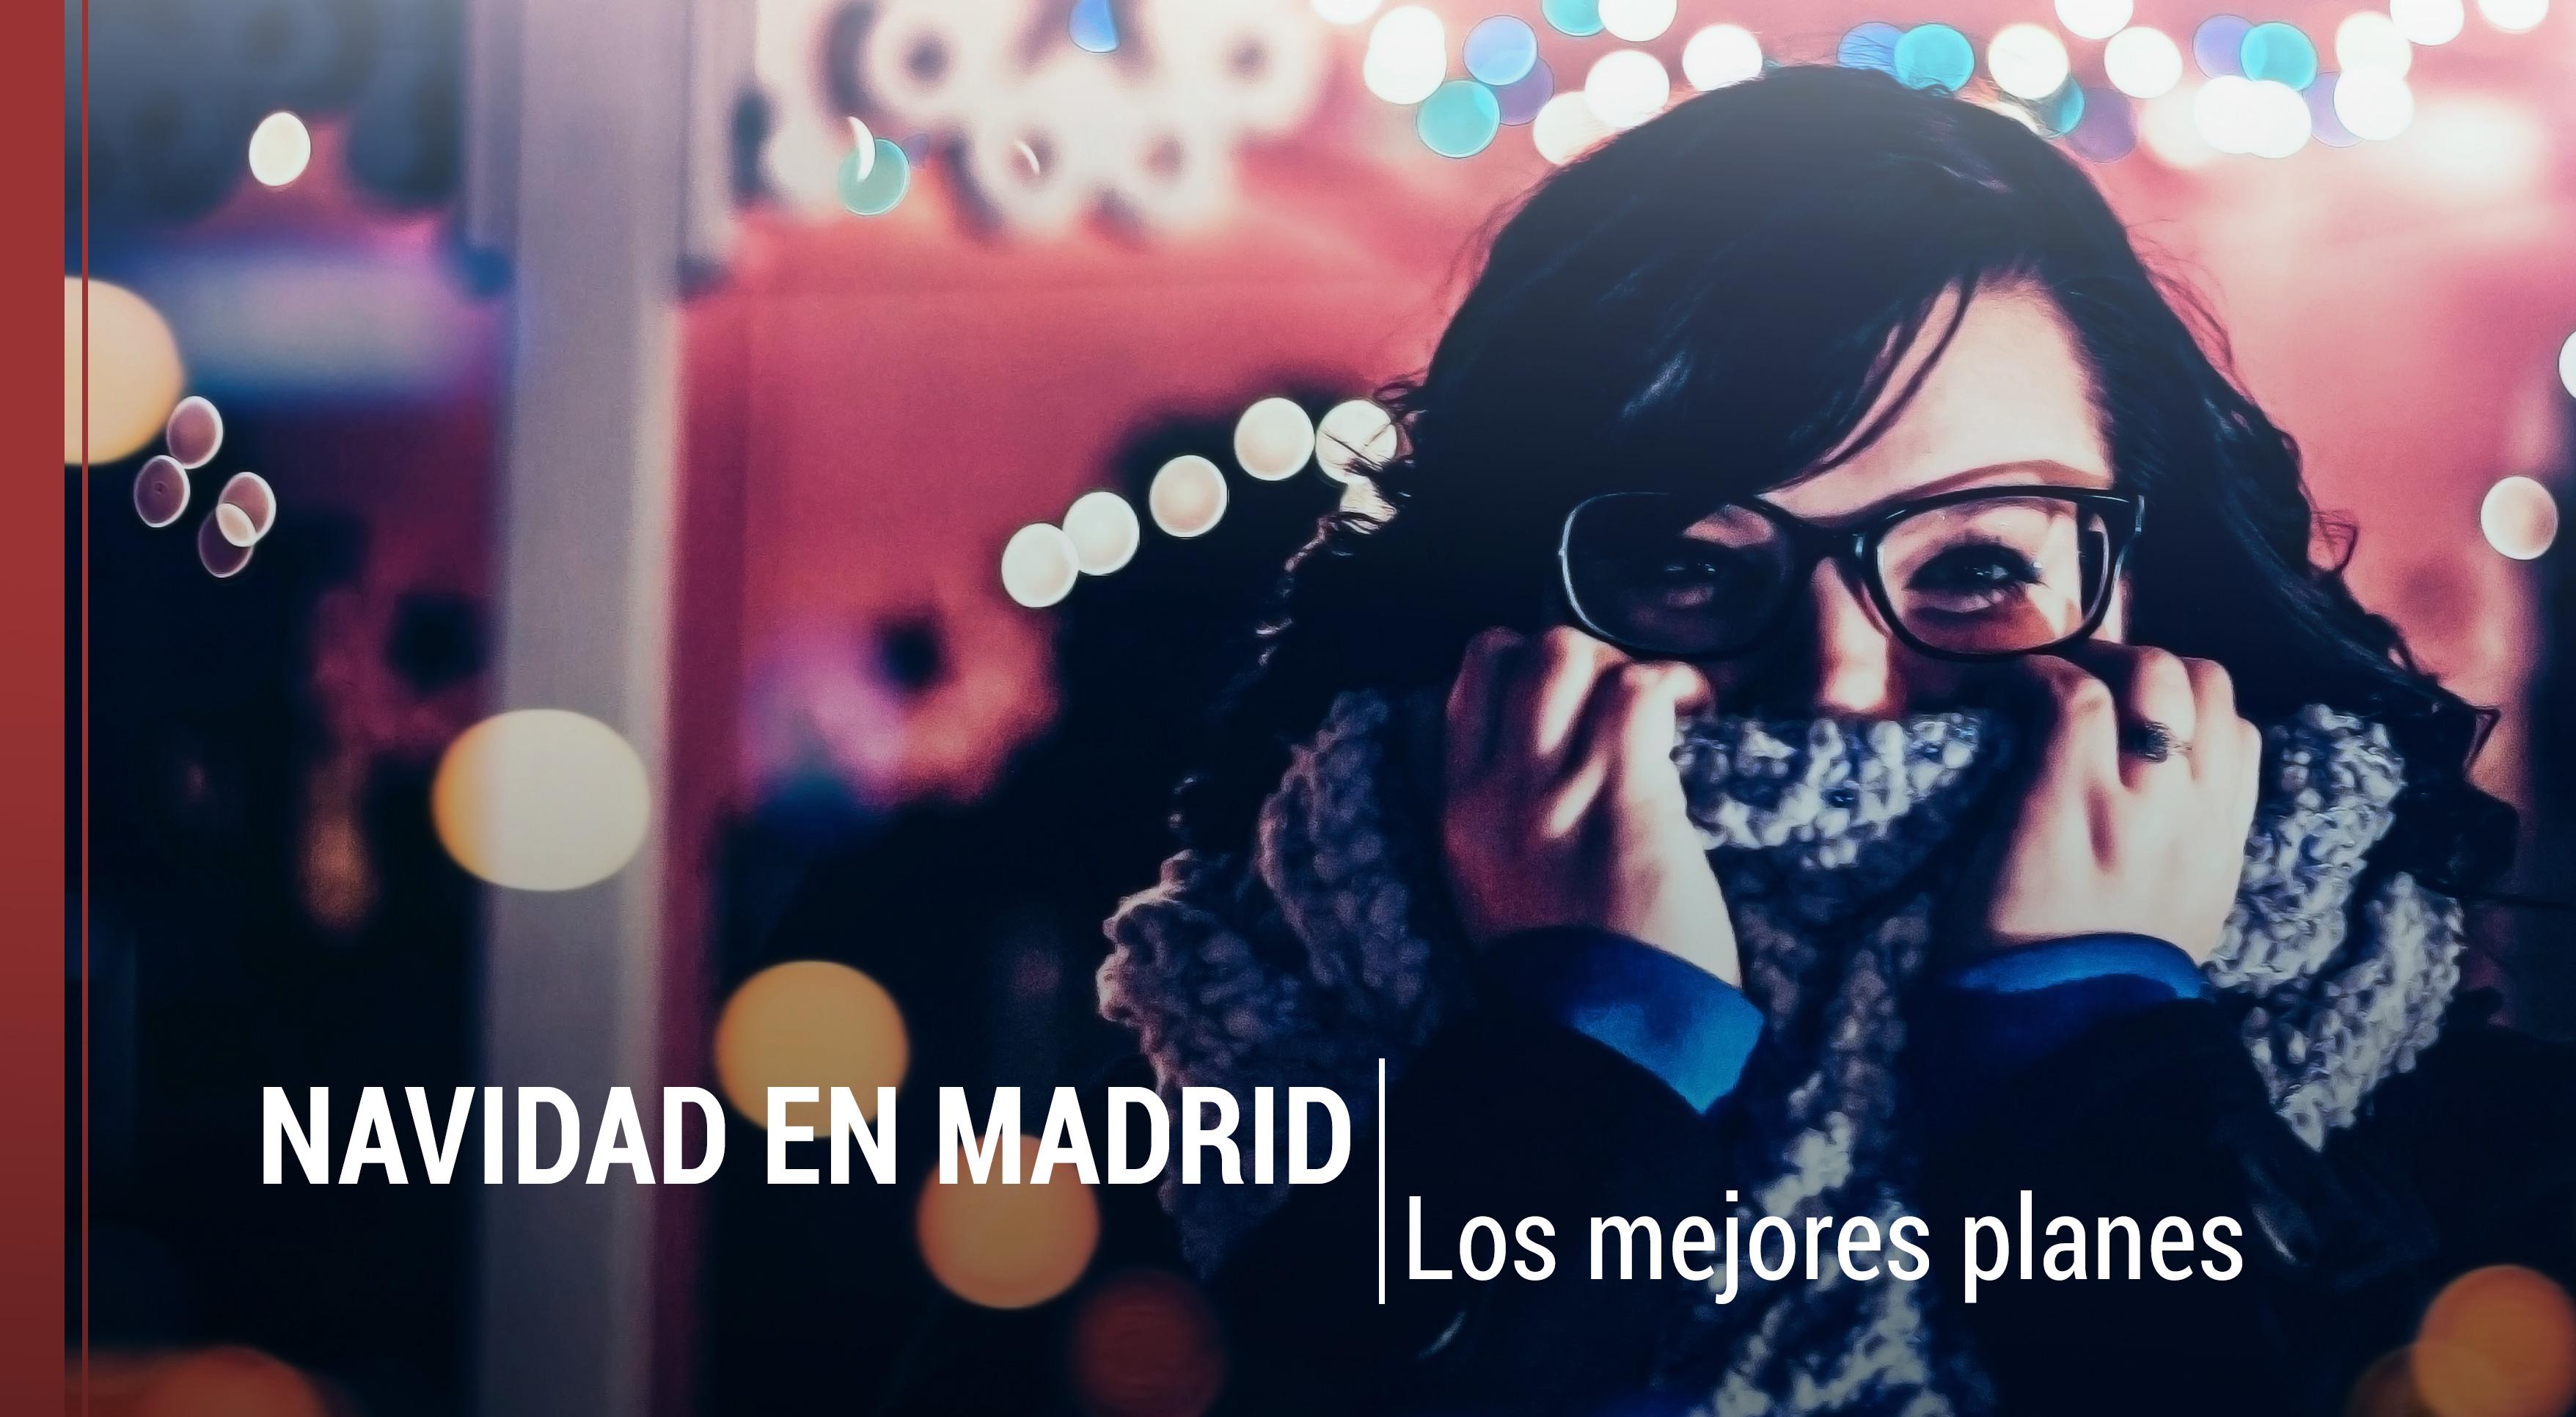 que-hacer-navidad-en-madrid-planes Navidad en Madrid: los 11 mejores planes para estas fechas